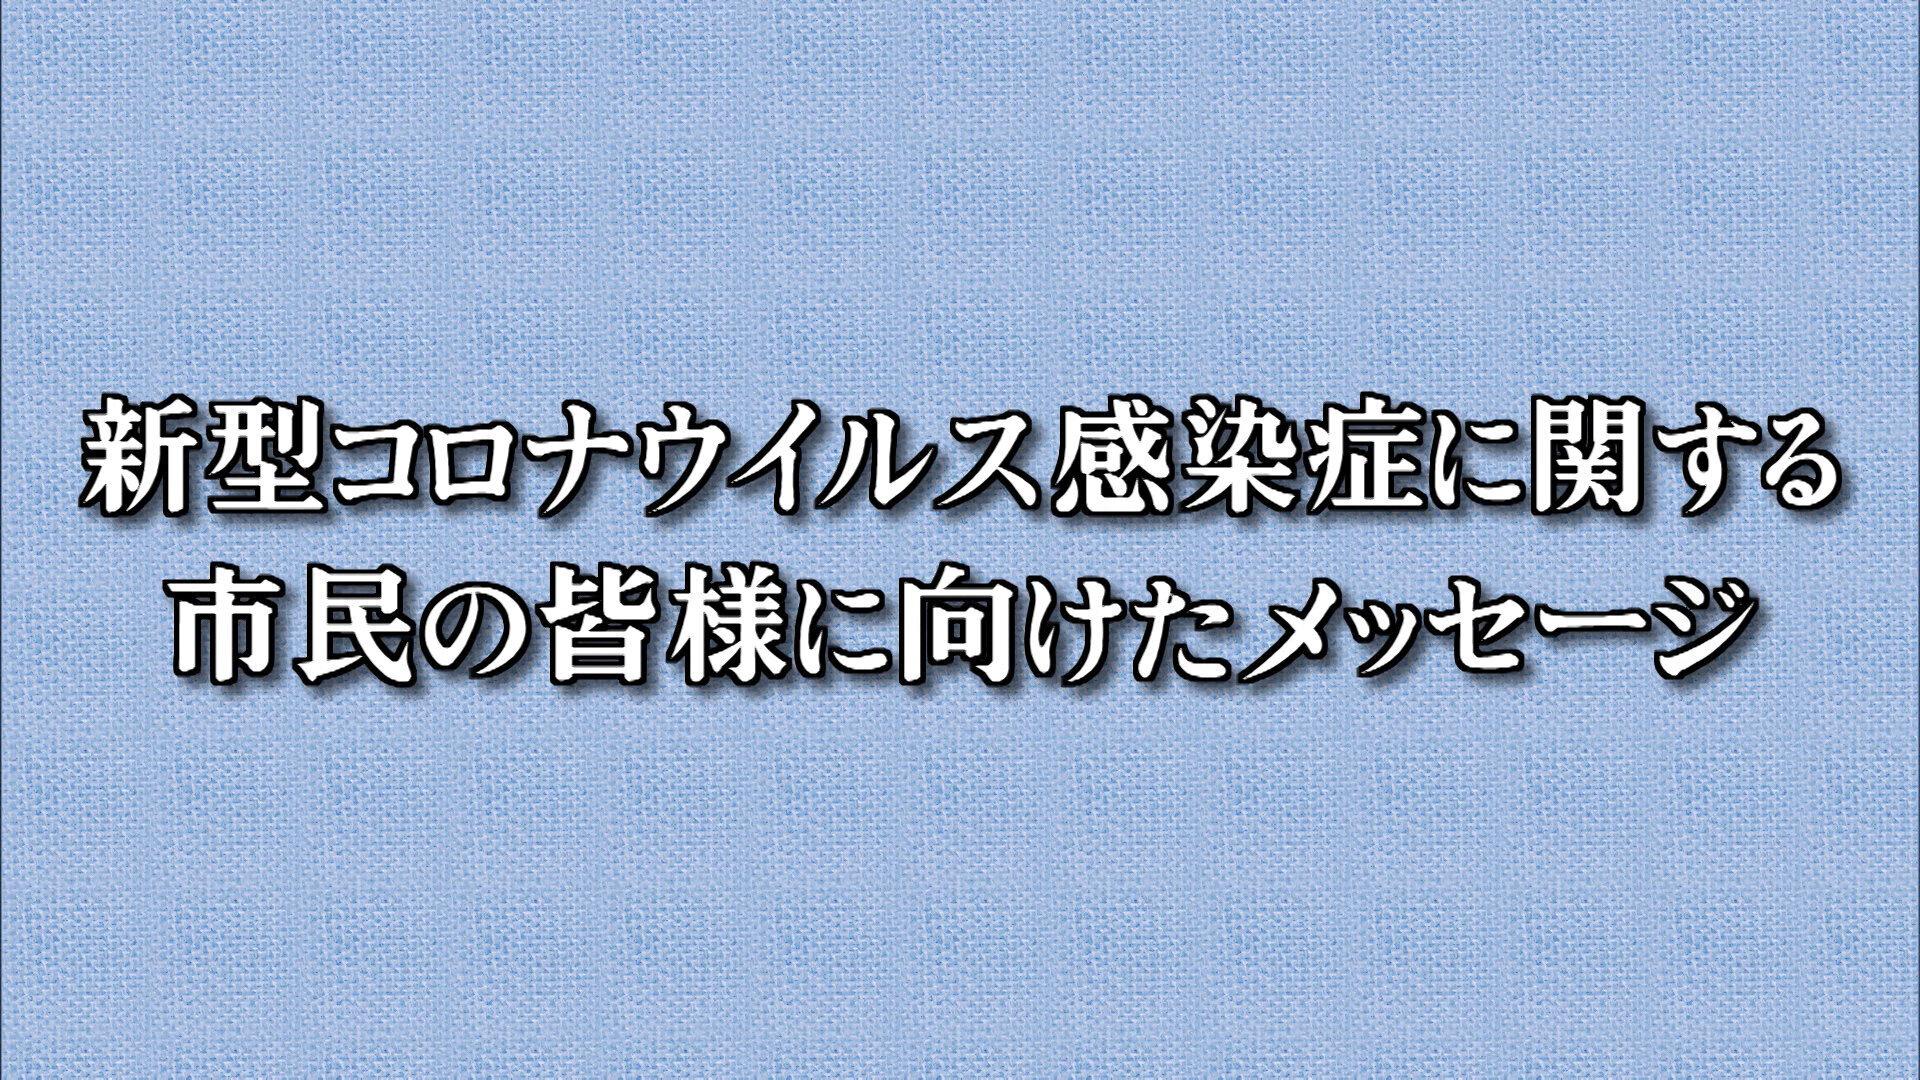 413_off_001 コピー 01.01_22_17_04.静止画472.jpg